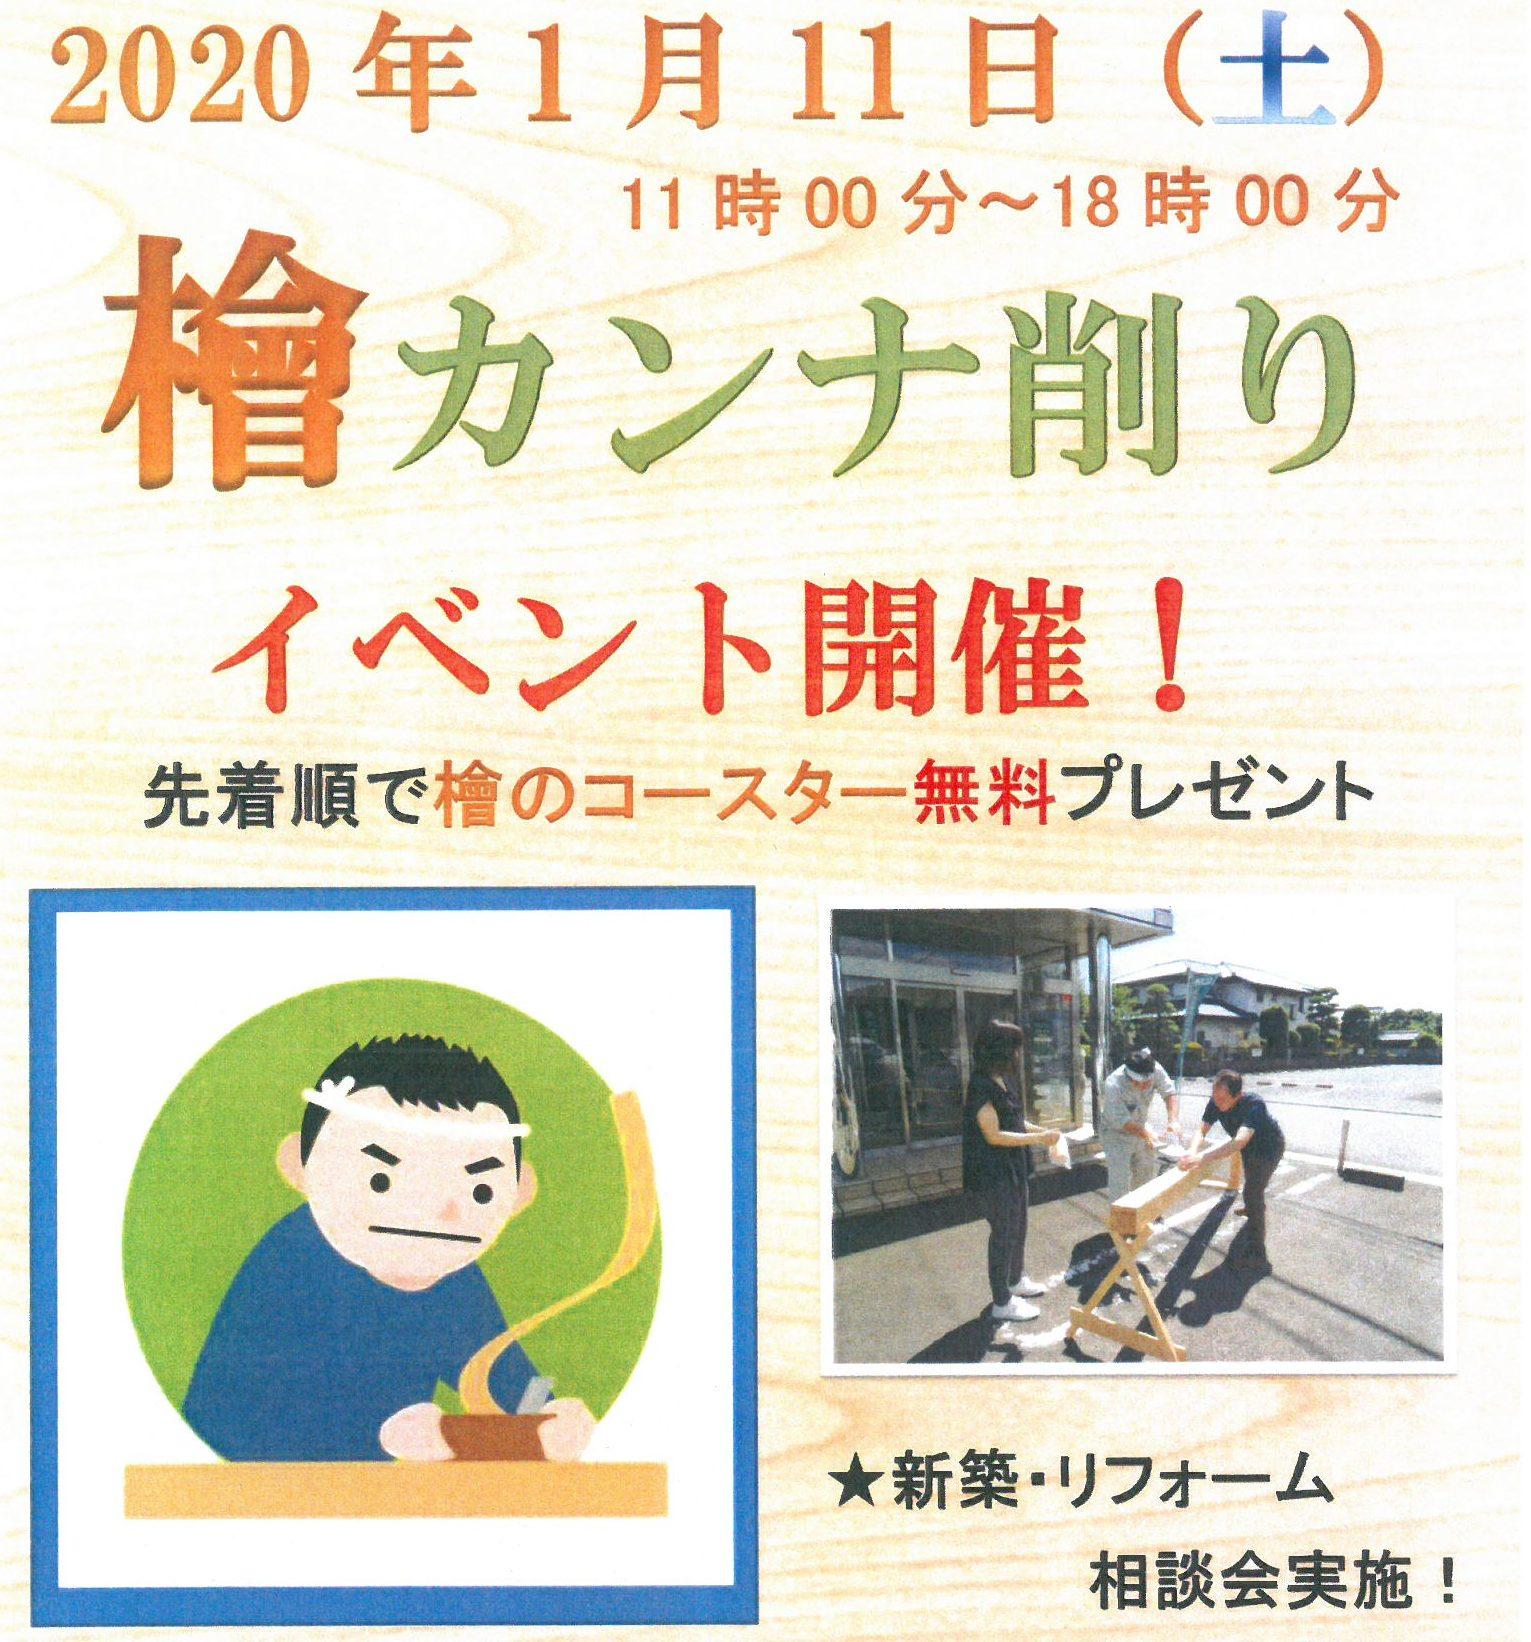 2020.1.11㈯菊池建設×おうちの相談窓口event